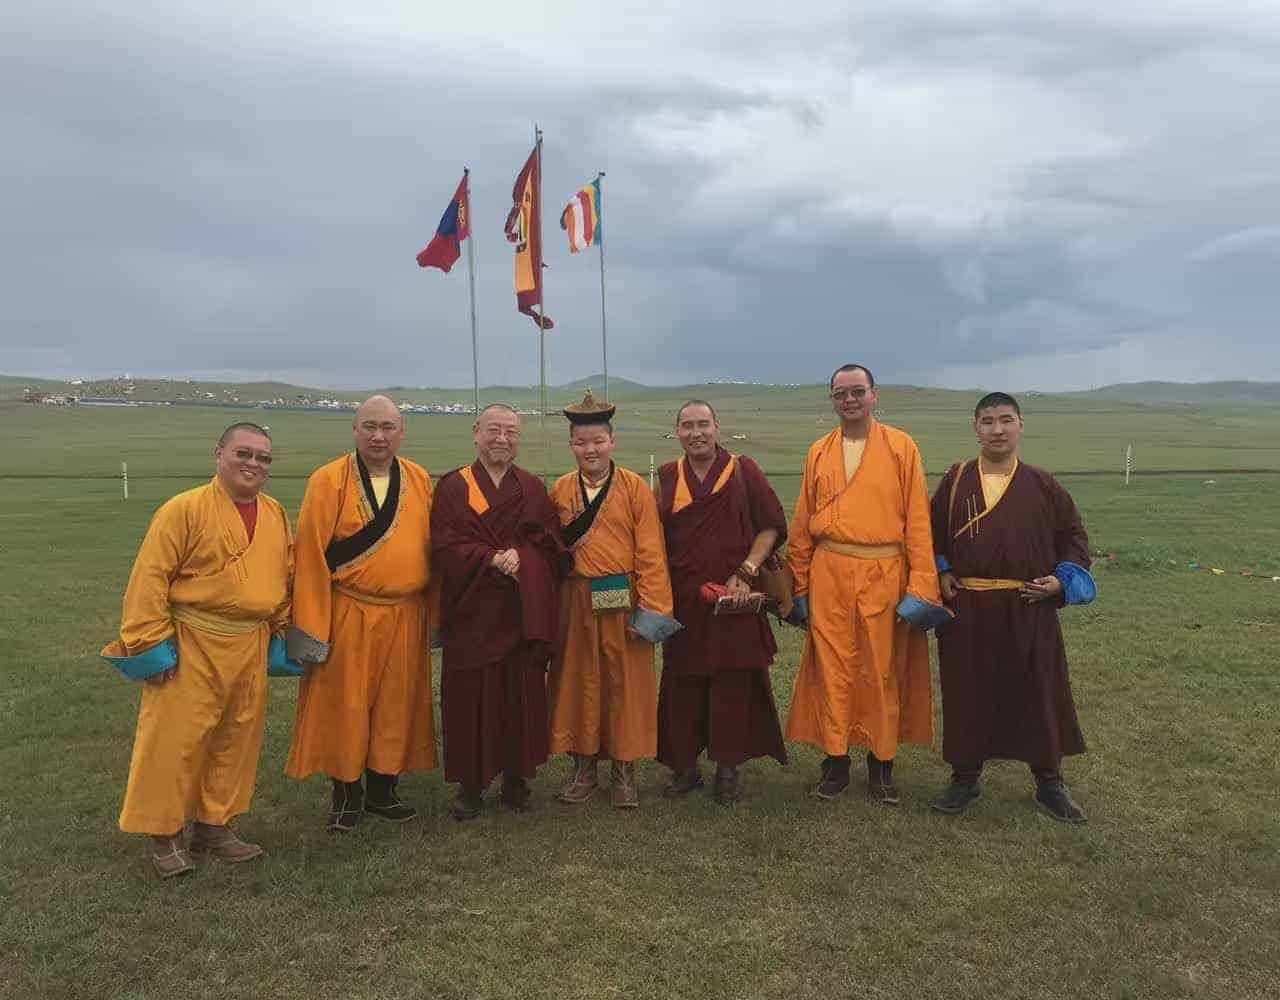 gosok-rinpoche-mongolia-2016-c1daa9a063d17bb741a90240ae43975